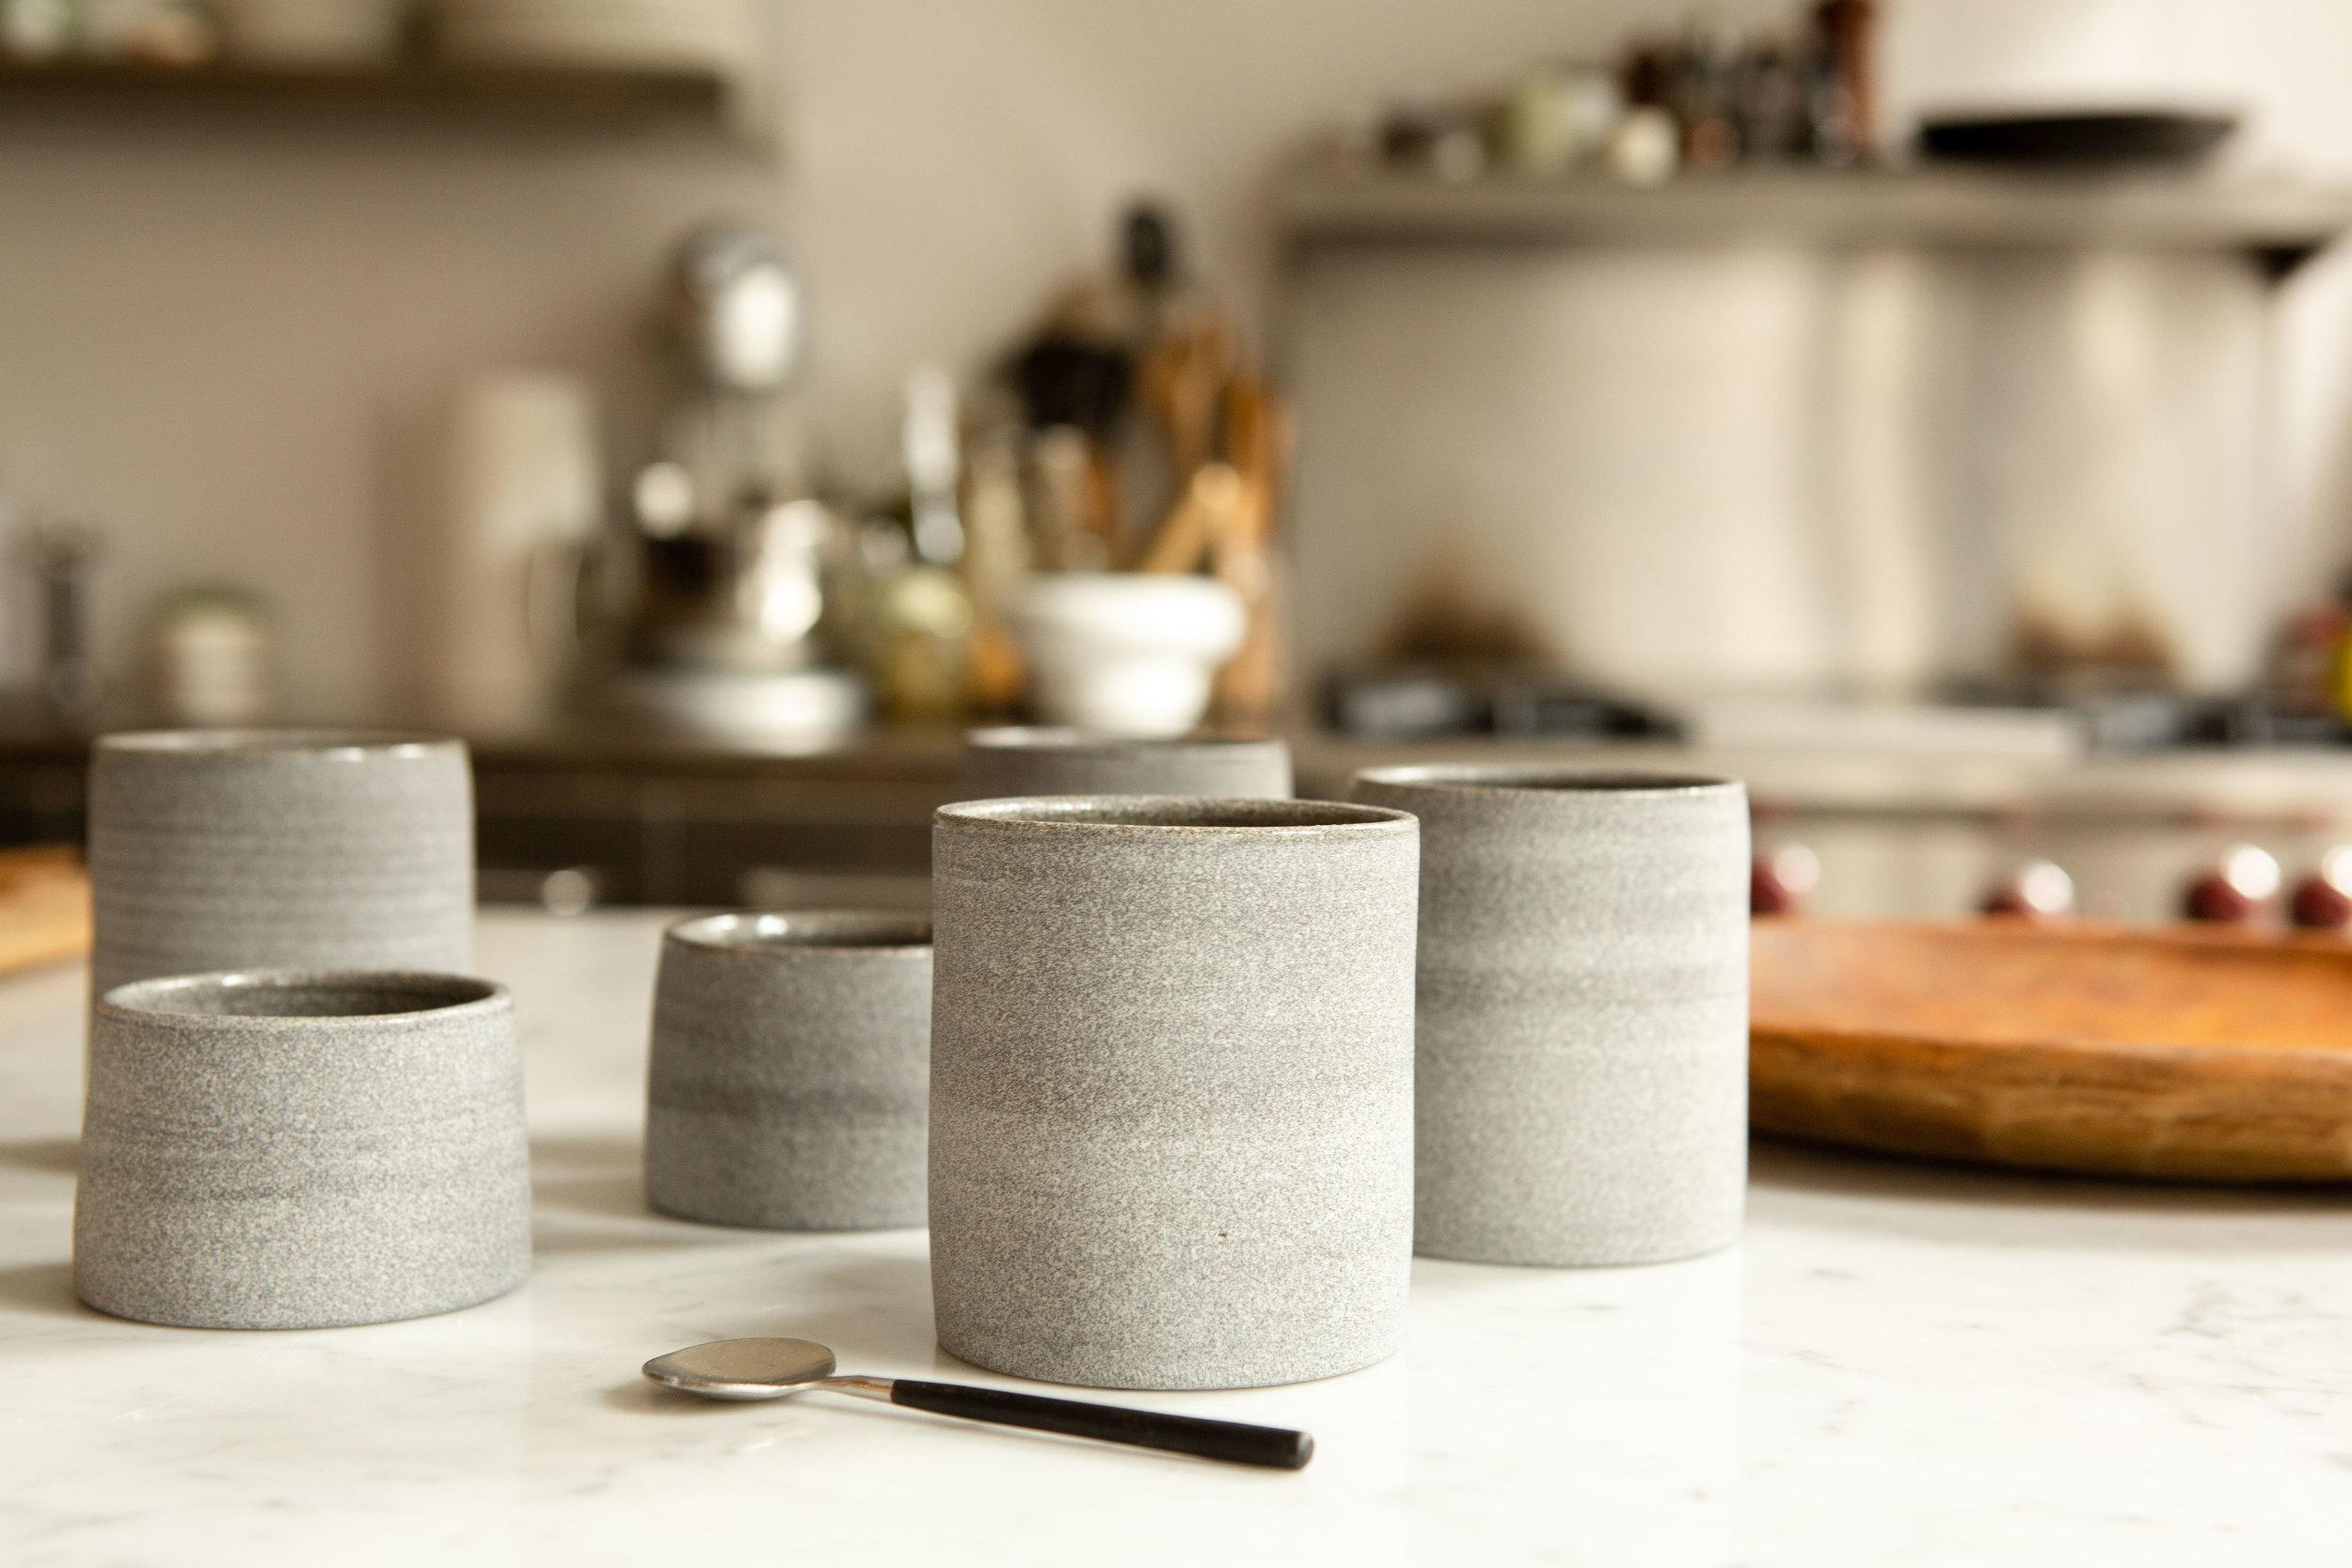 06_17_2019_aimee_franco_ceramics-7.jpg